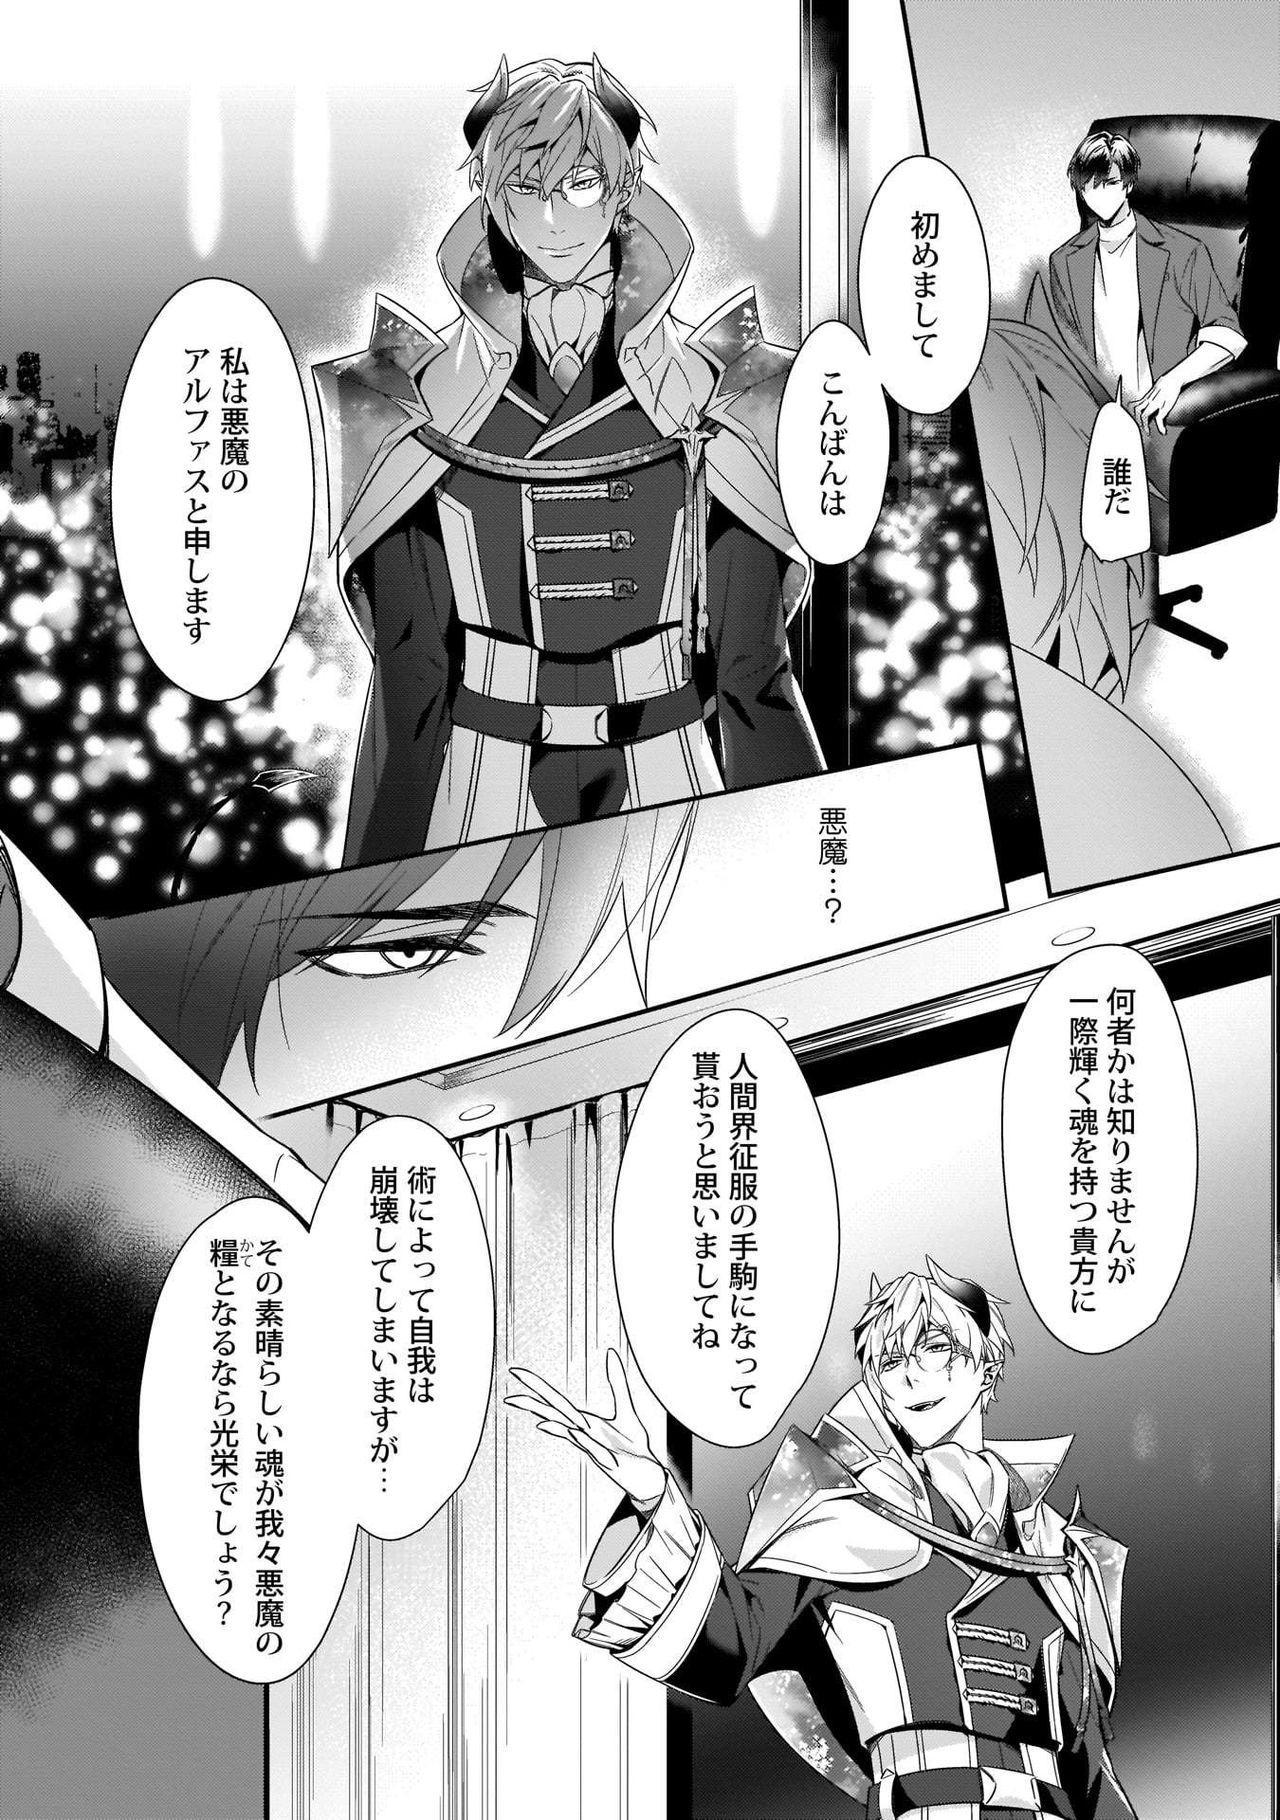 Torokeru kaikan sokuochi akuma 1-2 7